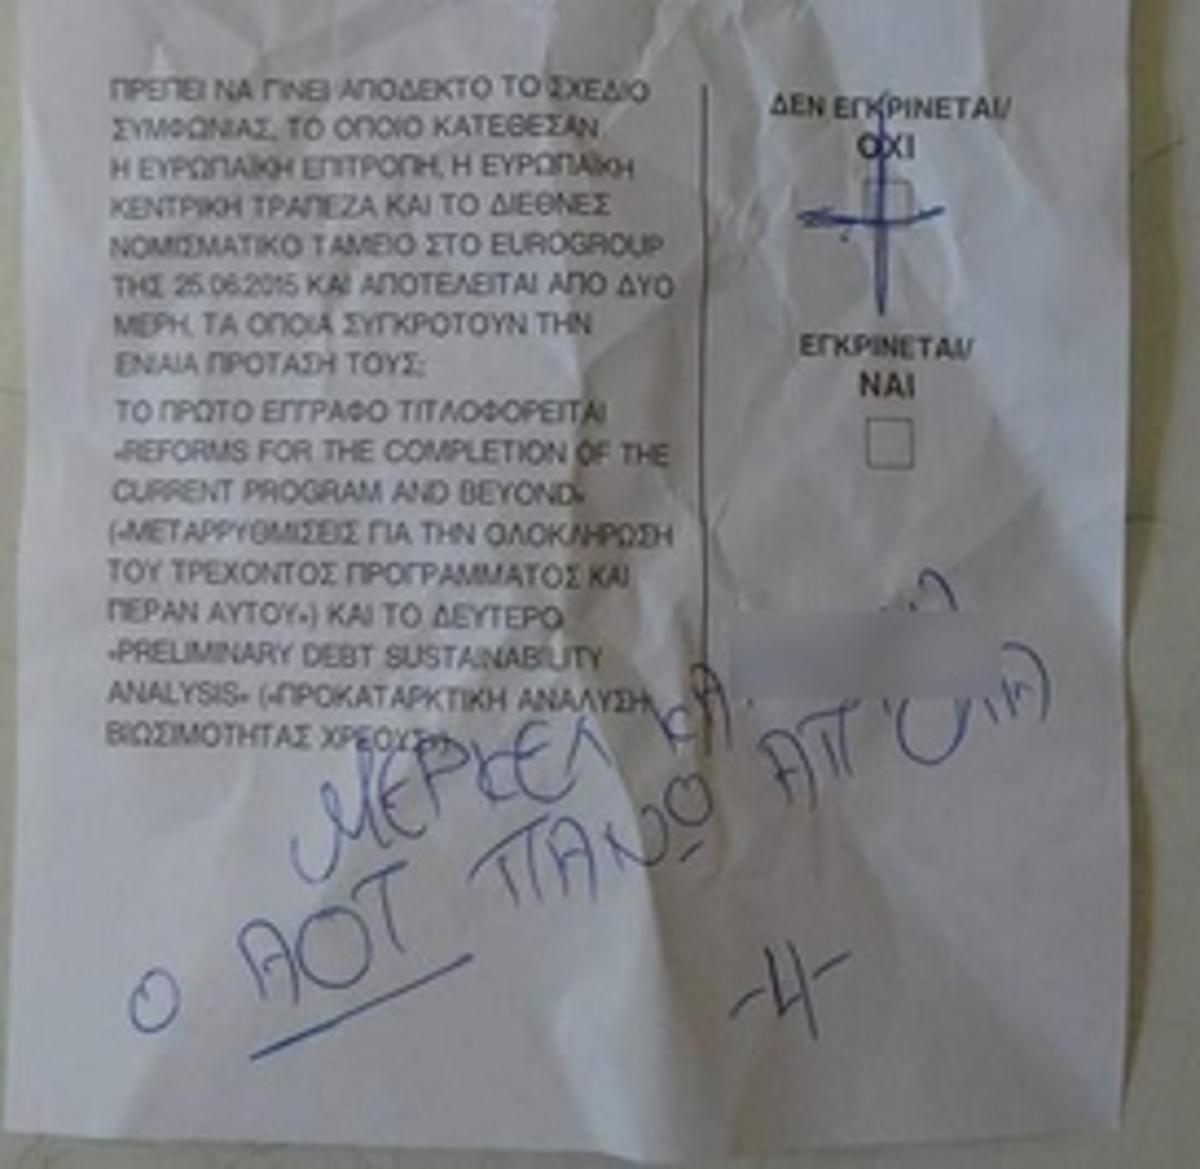 Δημοψήφισμα: Το μήνυμα στην Άνγκελα Μέρκελ πάνω σε άκυρο ψηφοδέλτιο – Δείτε τη φωτογραφία που τραβήχτηκε λίγο μετά το άνοιγμα της κάλπης!